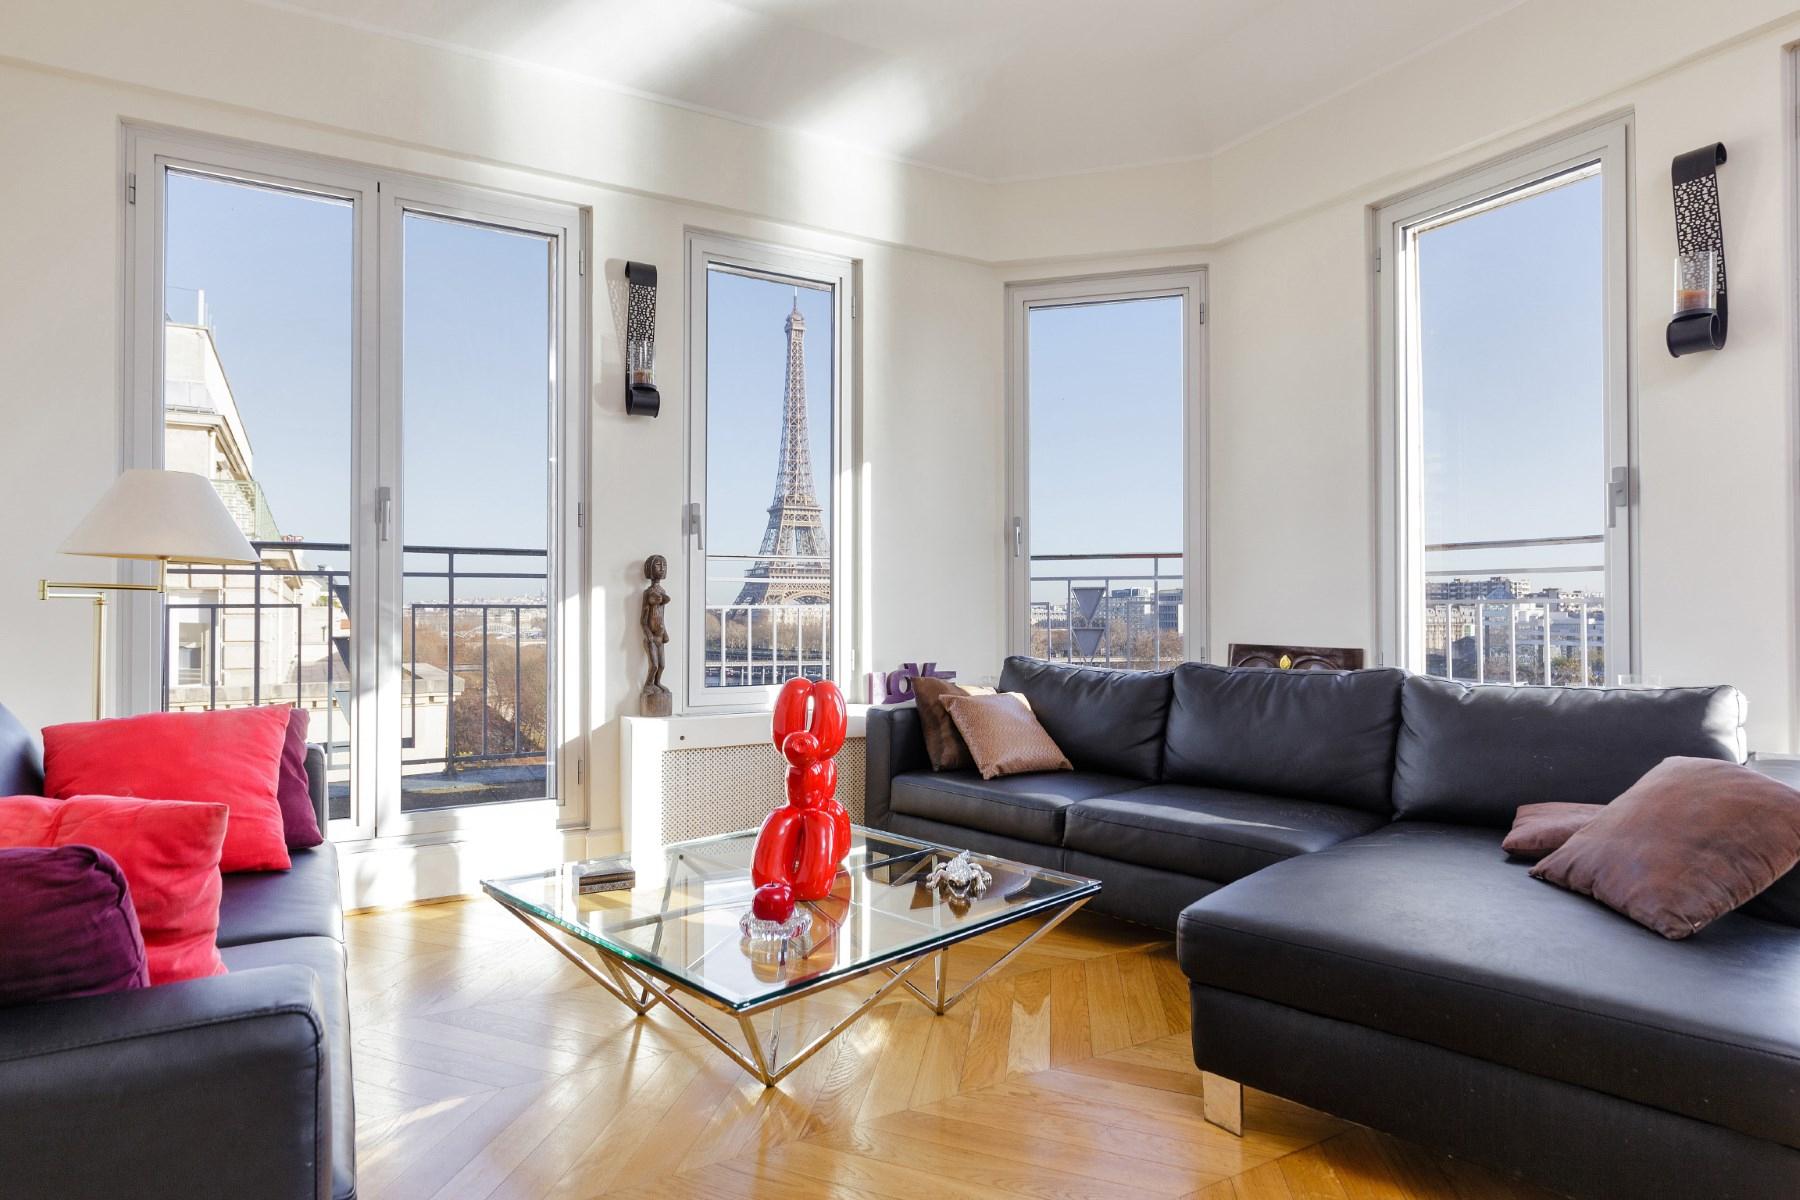 Location En Courte Durée À Paris : Des Biens De Luxe destiné Location Meublée Courte Durée